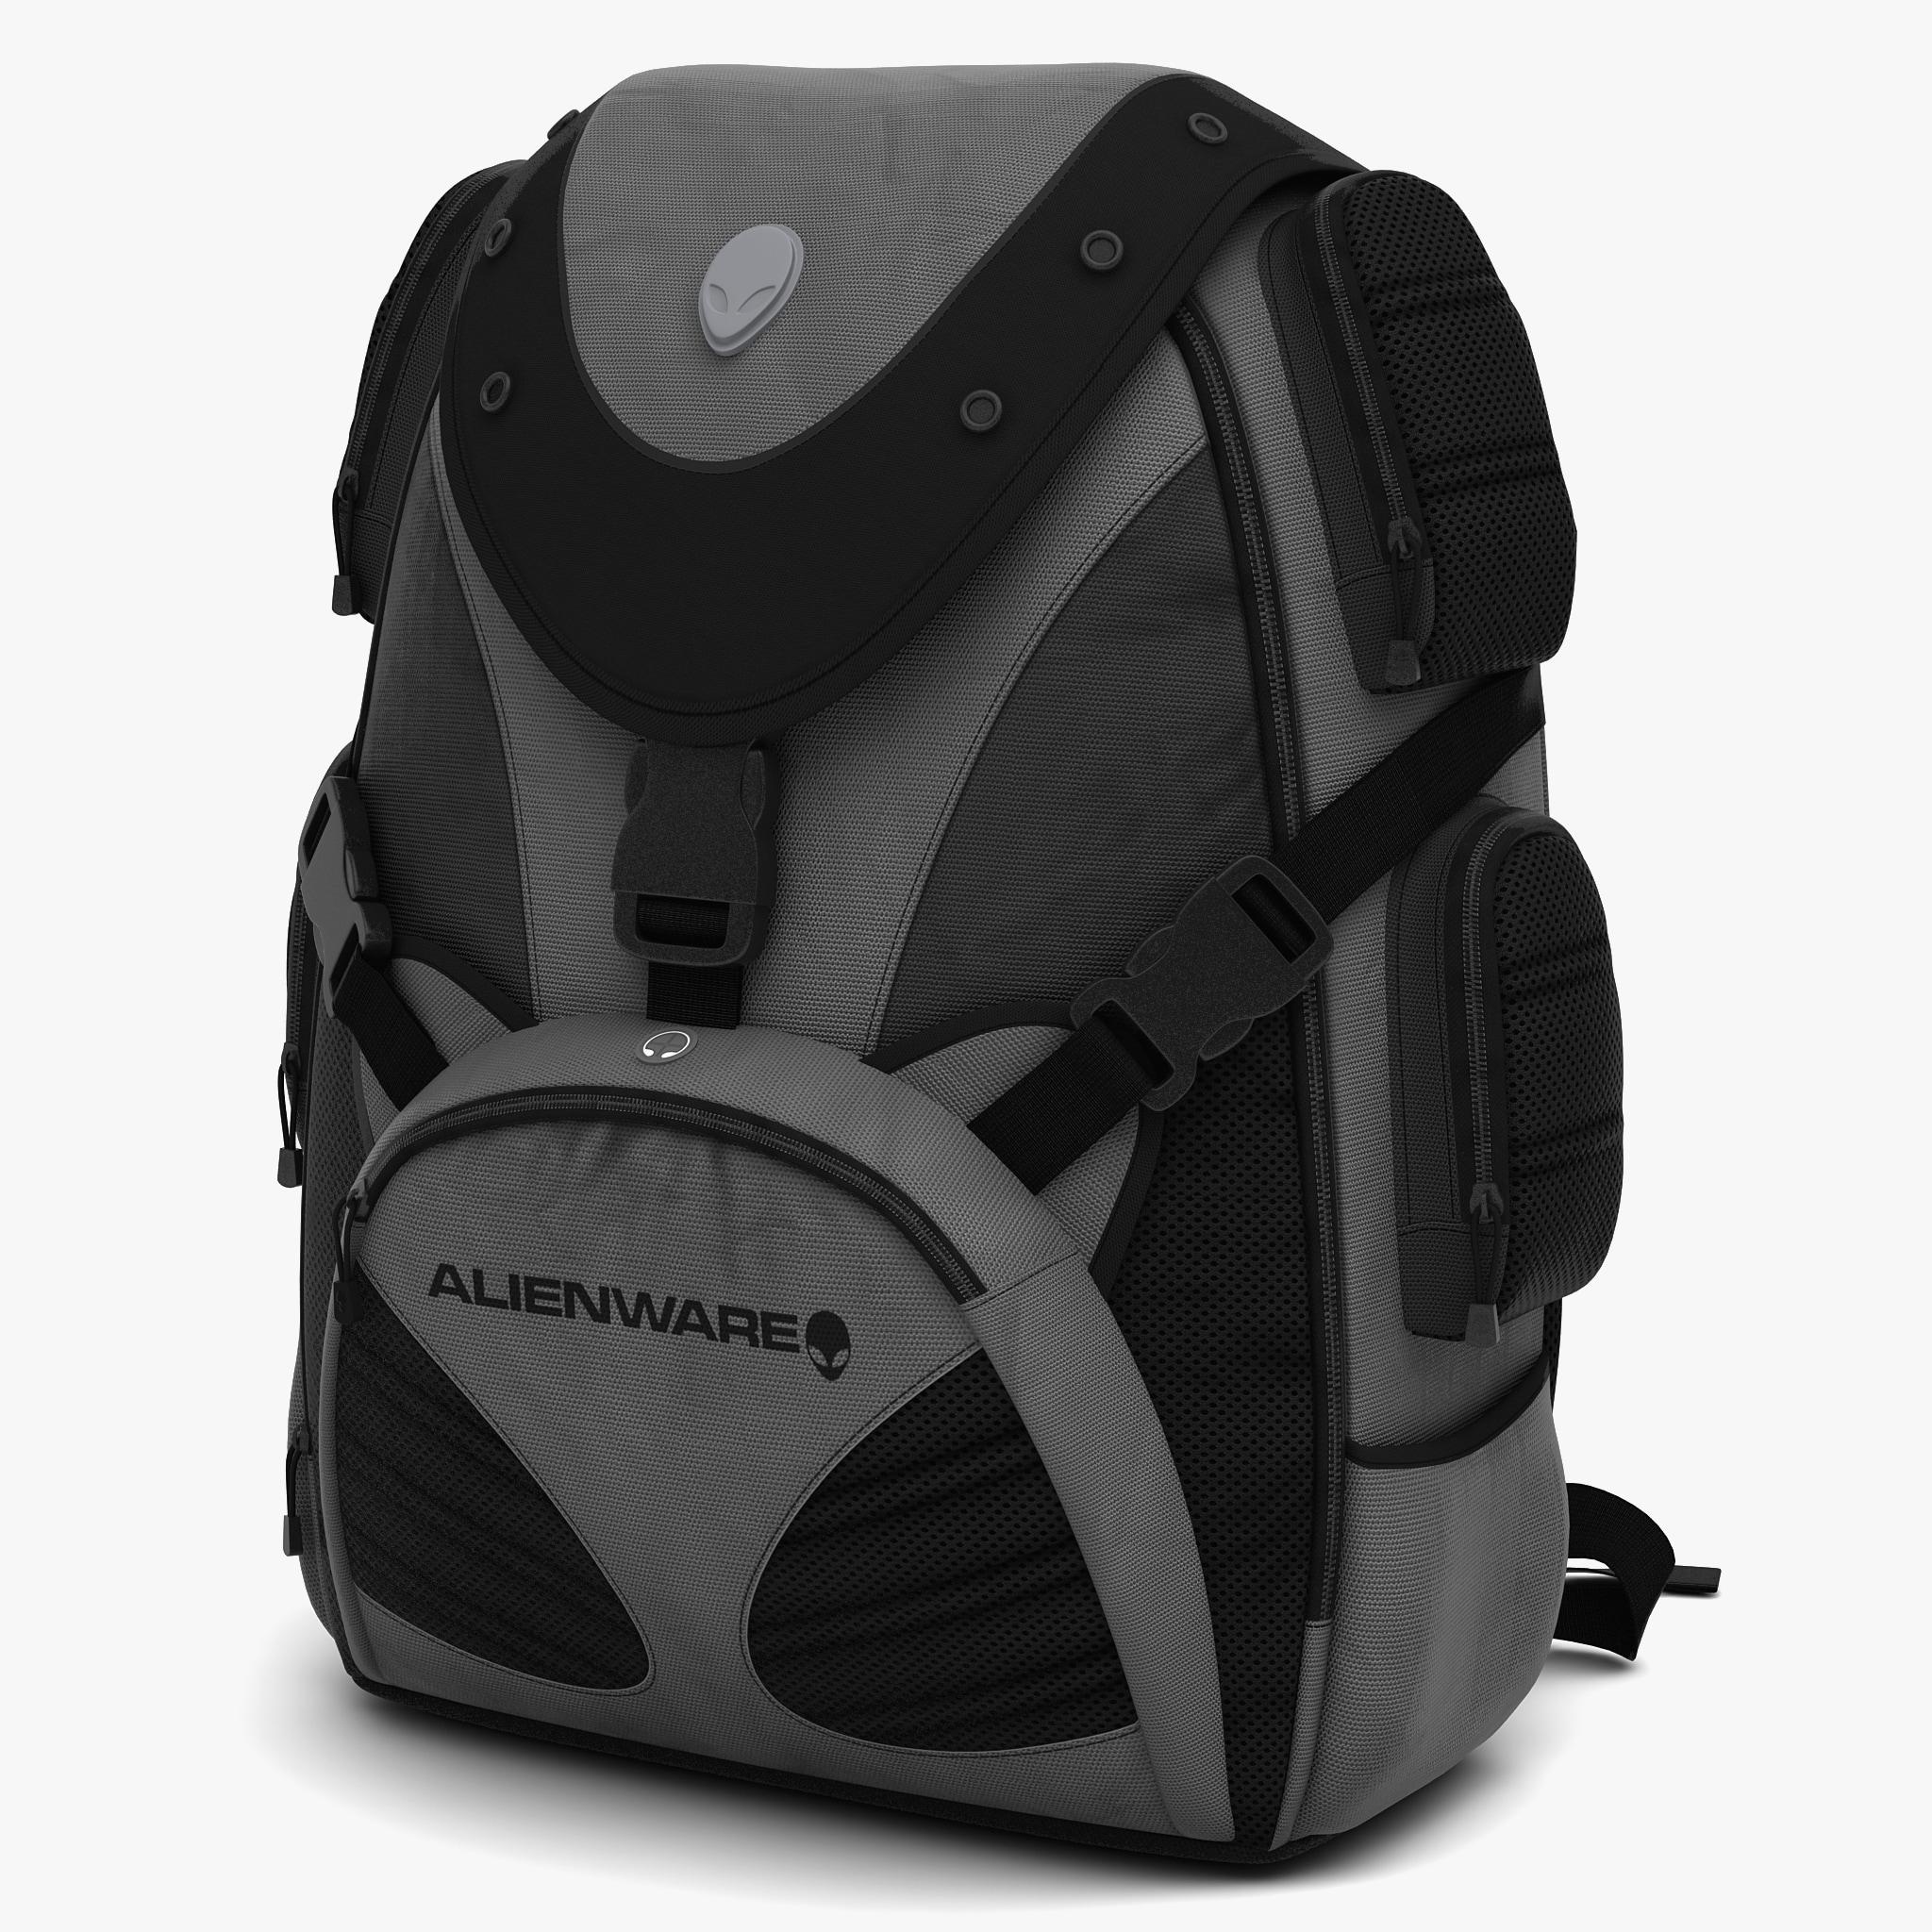 234123_Alienware_Premium_Backpack___0001.jpg